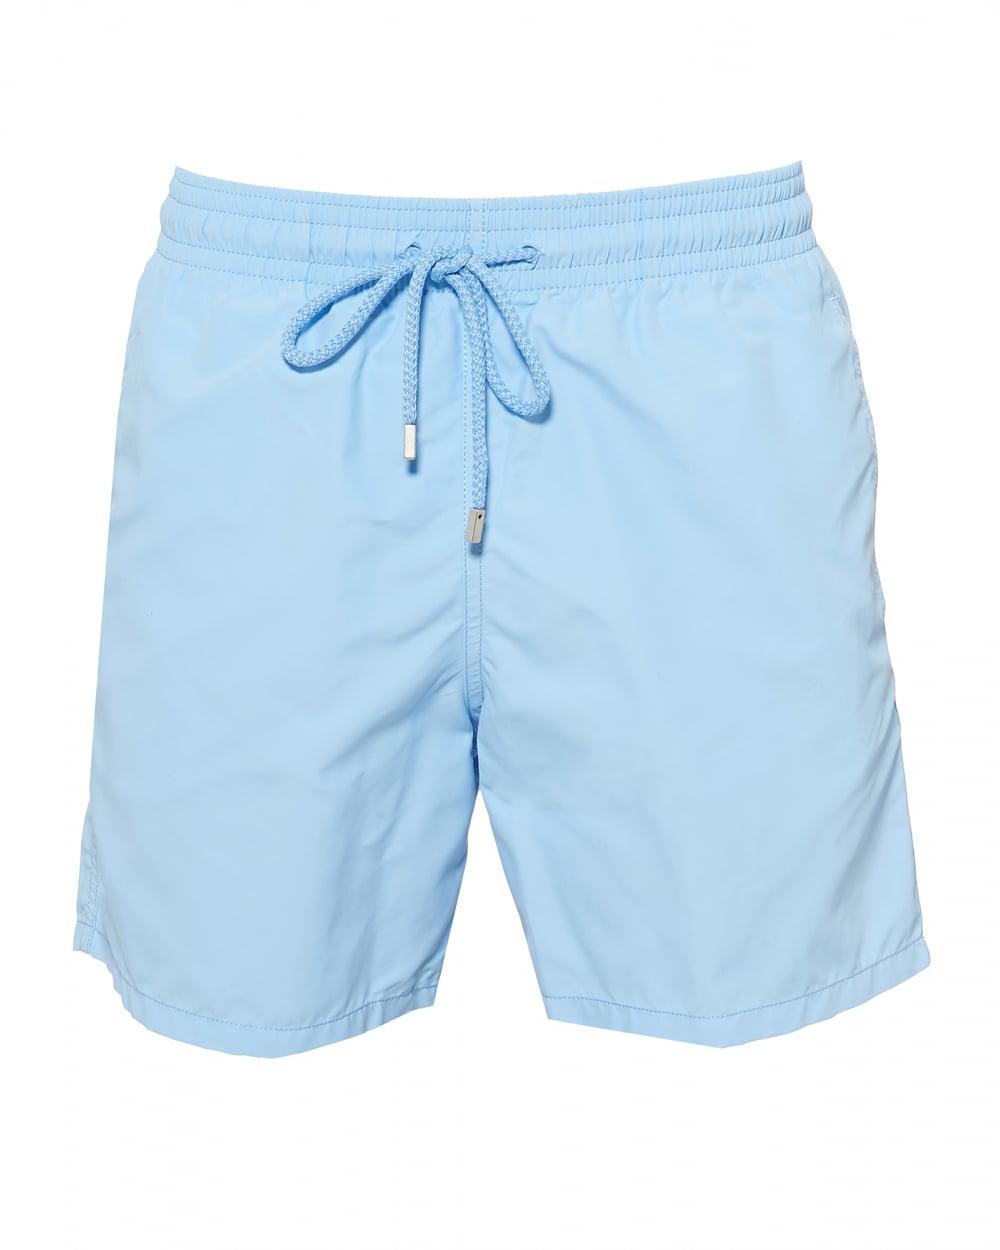 8c47132bca Vilebrequin. Men's Moorea Plain Swimshorts, Sky Blue Swimming Trunks